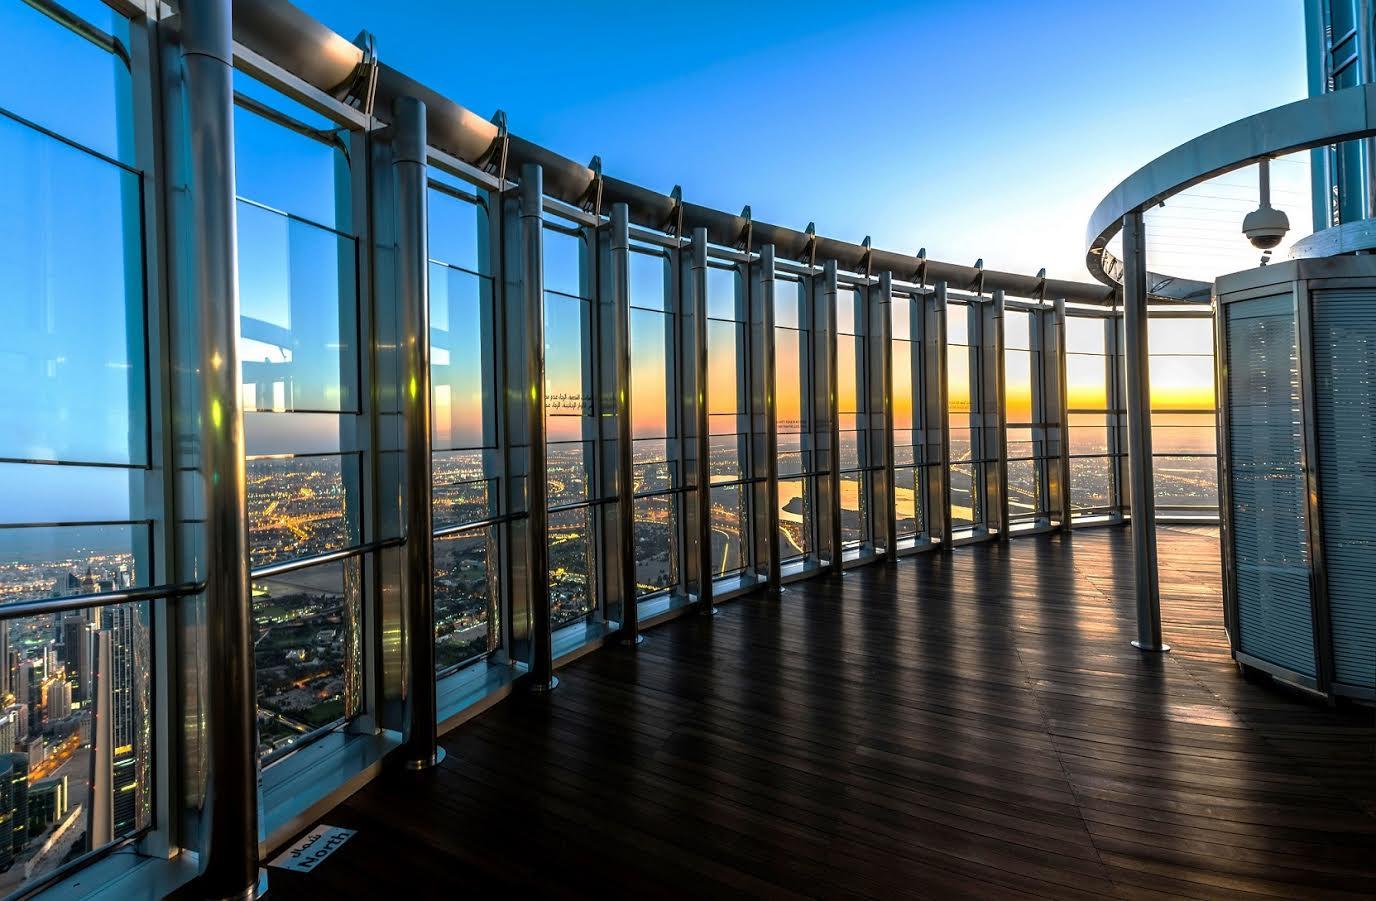 تمتع بإشراقة شمس اليوم الوطني في قمة برج خليفة